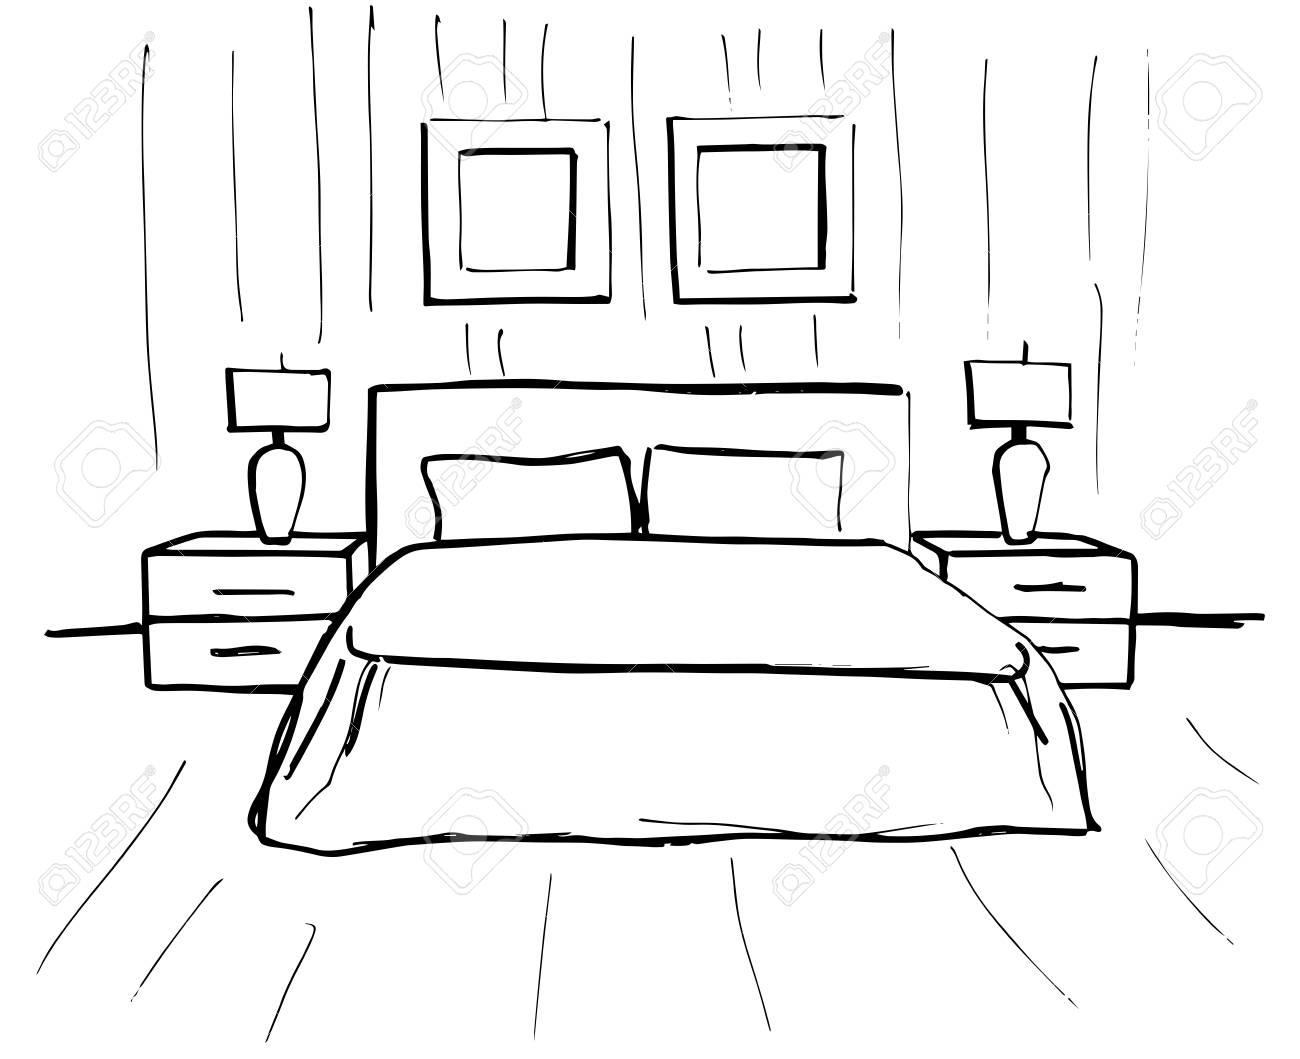 Boceto Dibujado A Mano Dibujo Lineal De Un Interior Dormitorios De Sketch Line Ilustración Vectorial Plan De Habitación